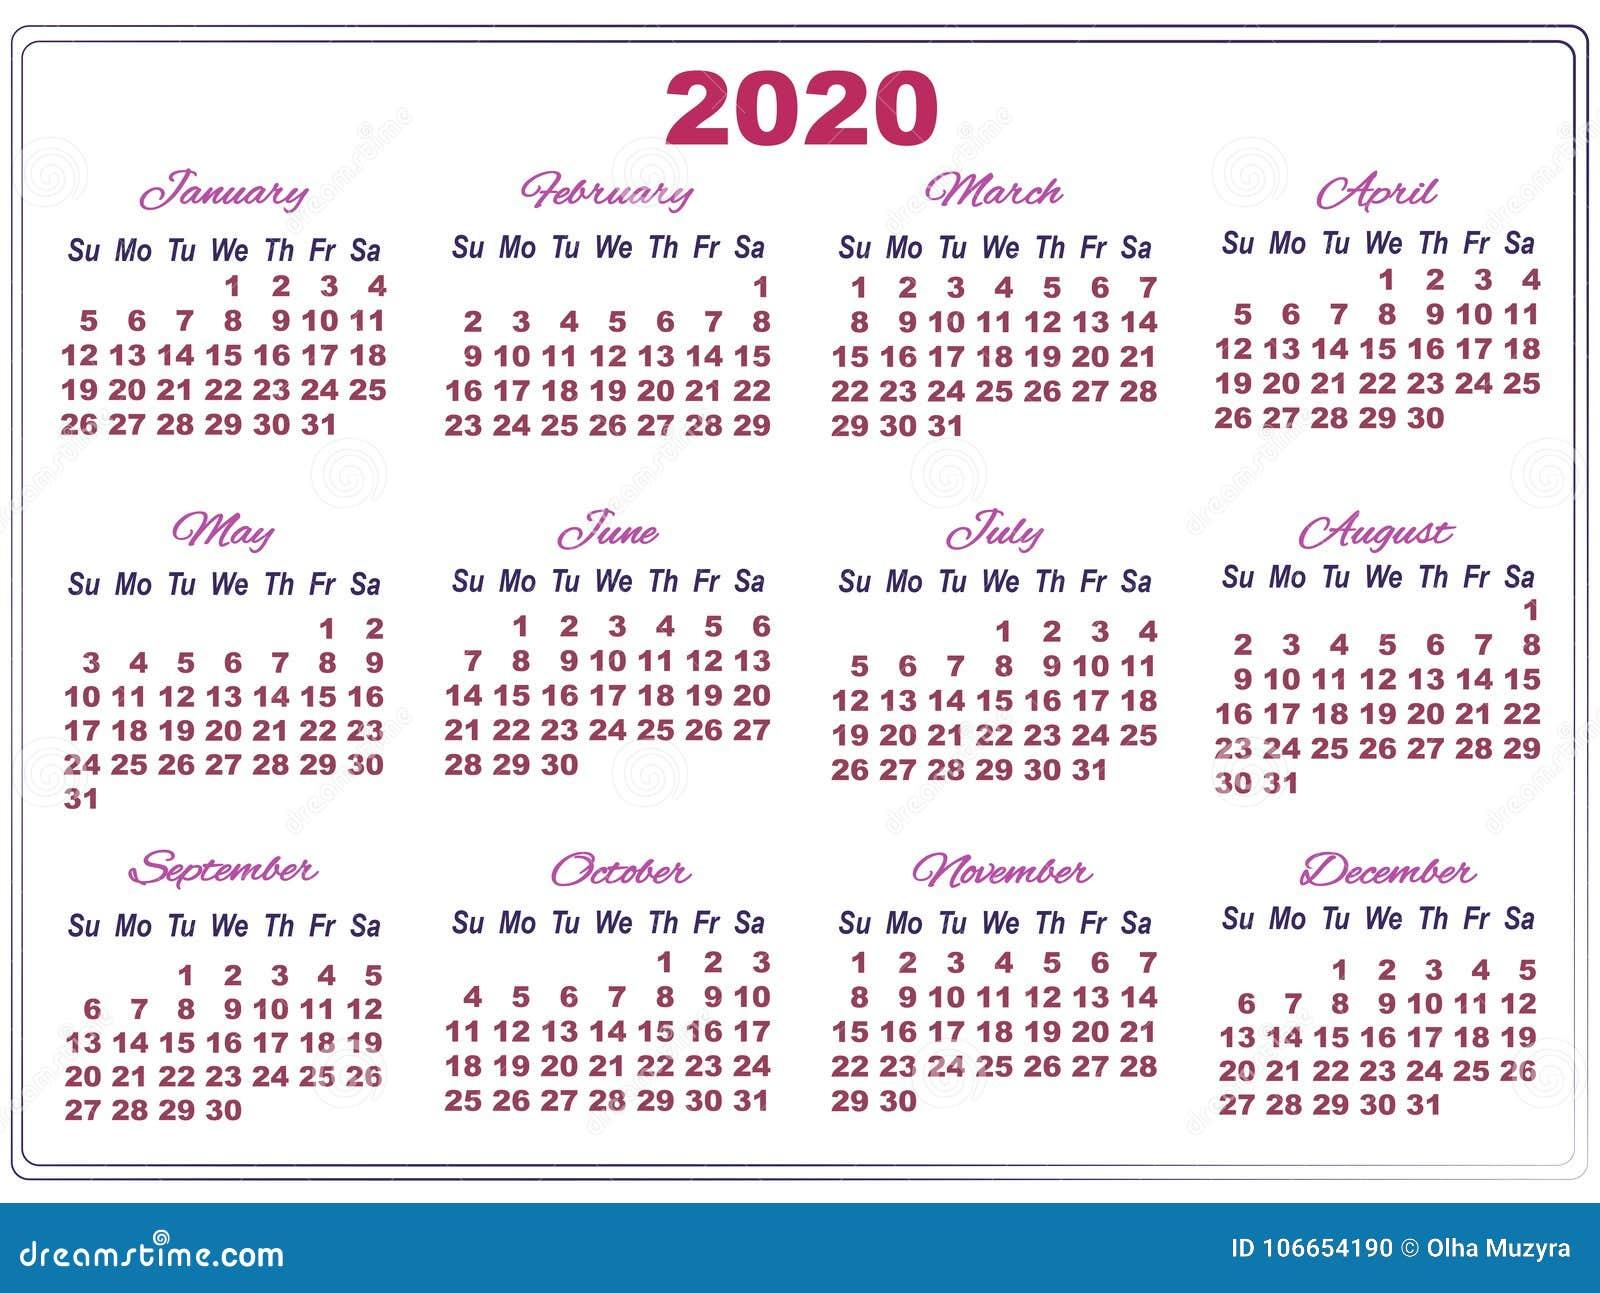 Calendario 2020 Com Feriados.Calendario 2020 Com Numeros Grandes Ilustracao Stock